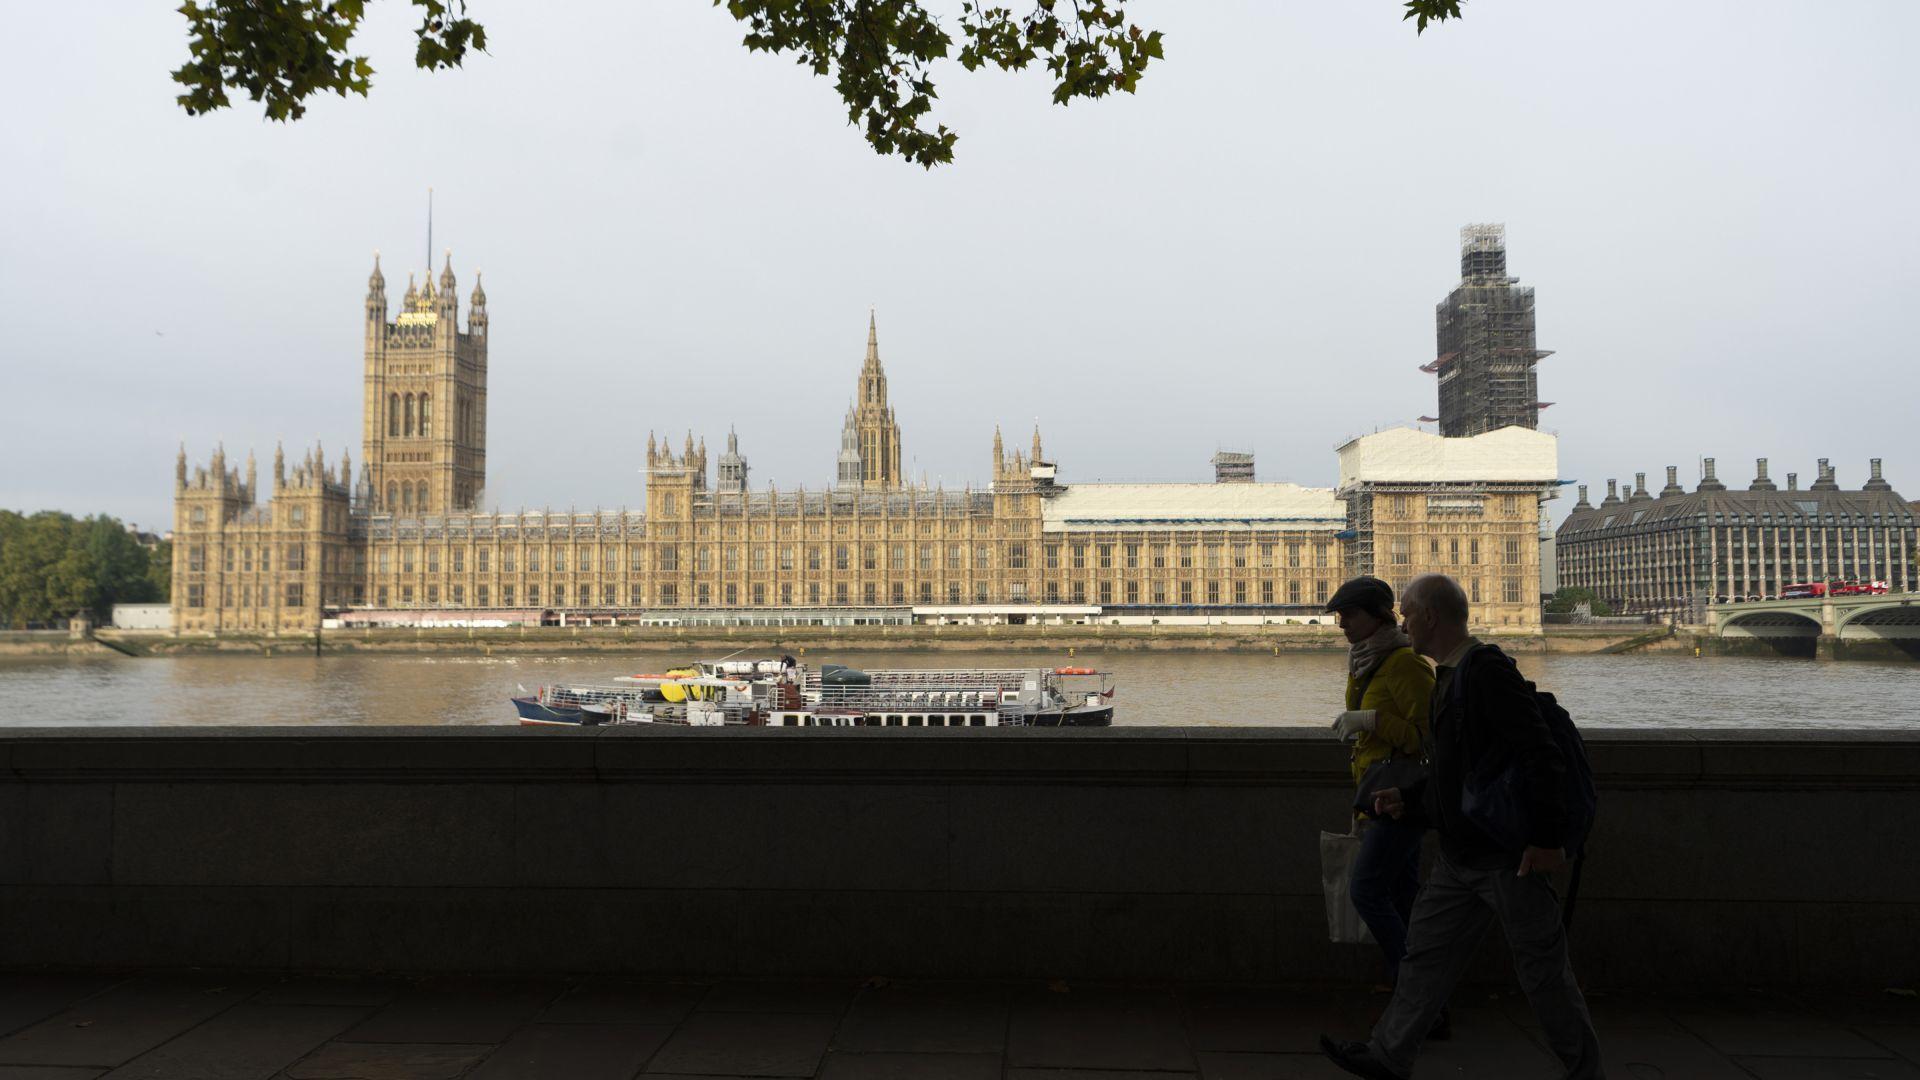 Европарламентът заплашва с вето плана на Борис Джонсън за Брекзит